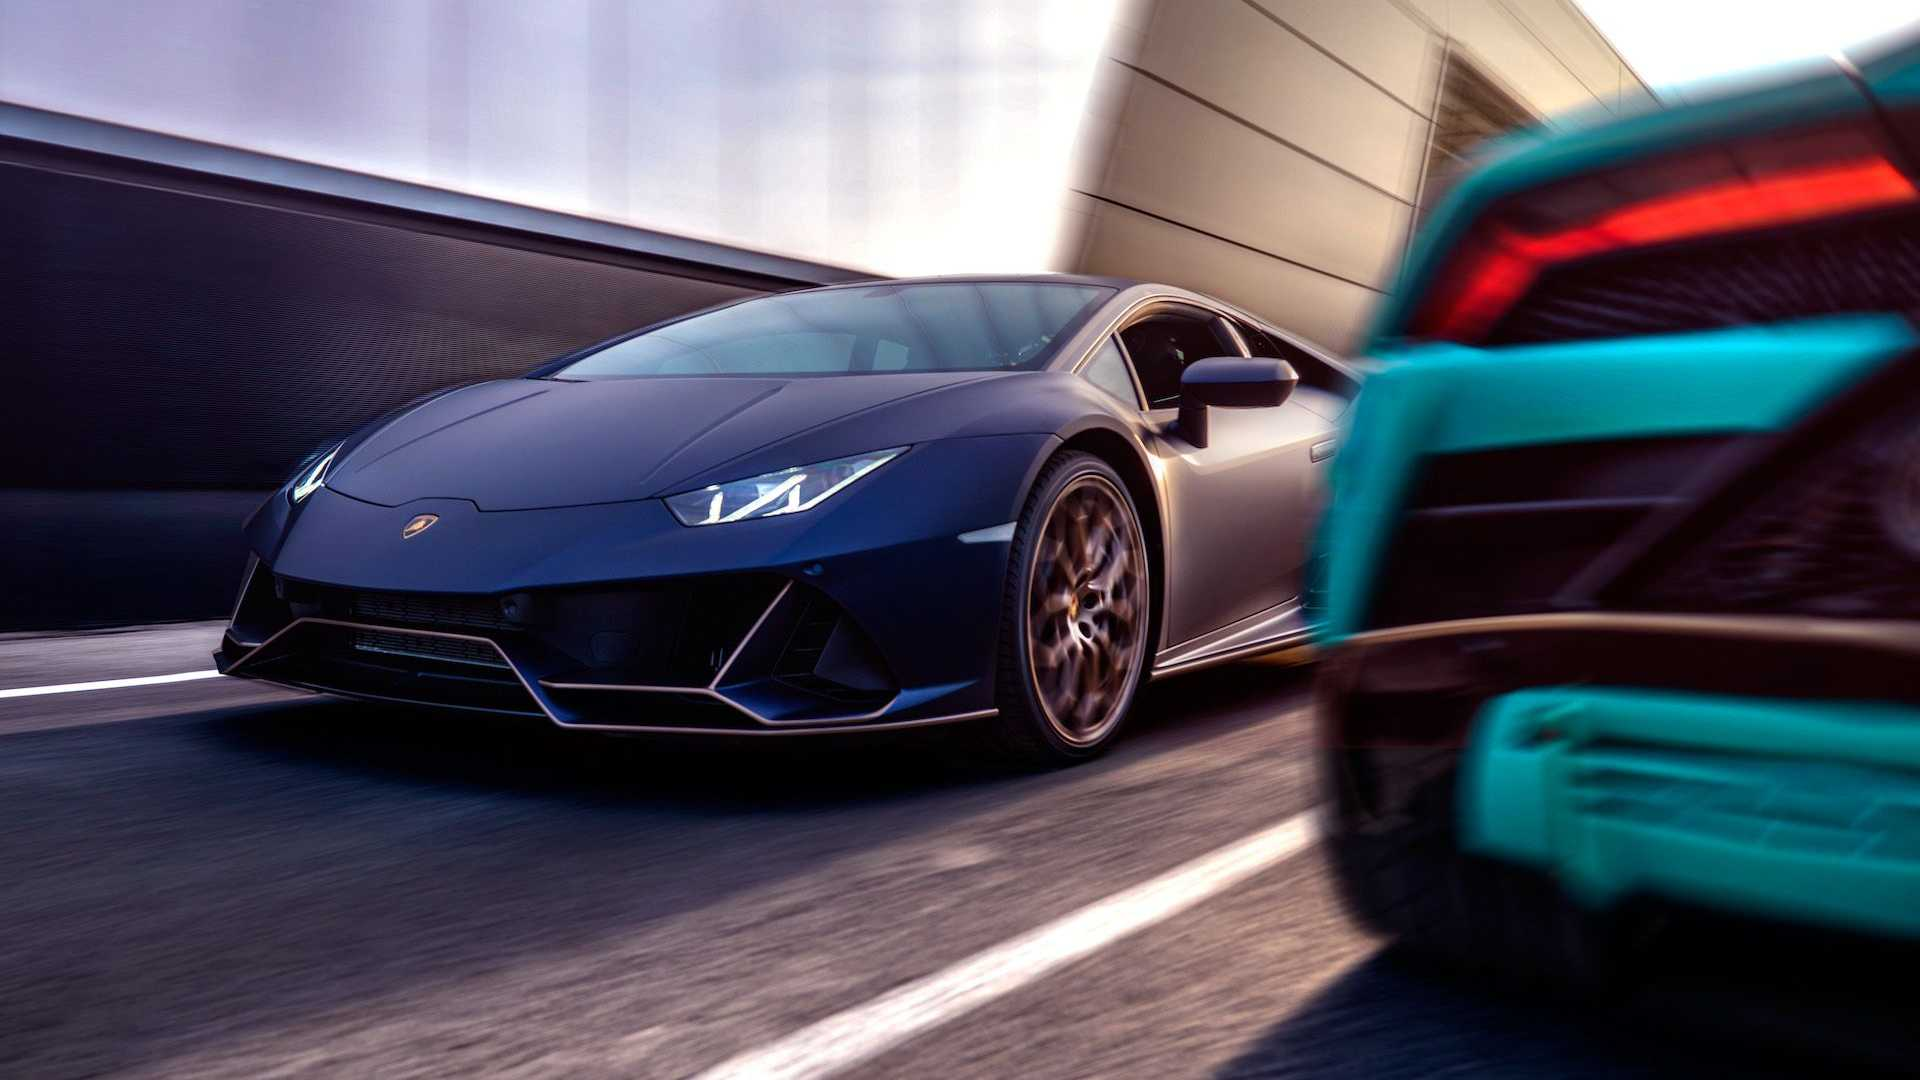 Four Lamborghini Huracan Evo Special Editions In Mexico